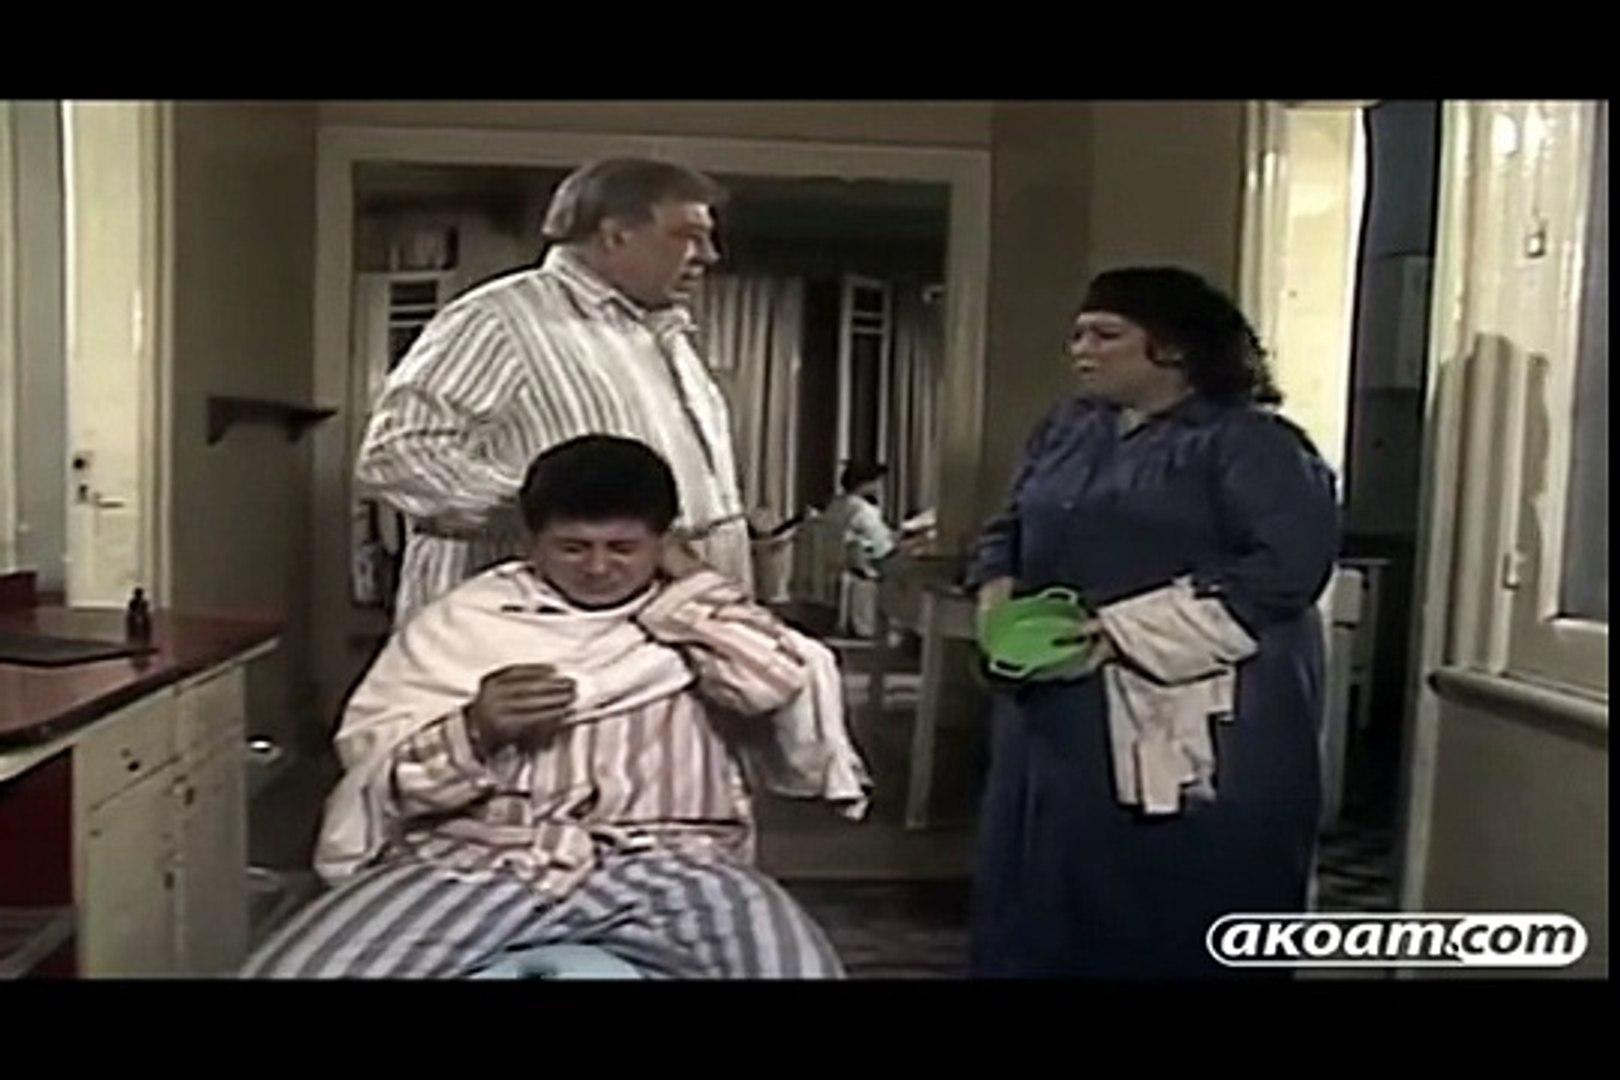 البخيل وانا فريد شوقي بيحلق لكابتن لطفي